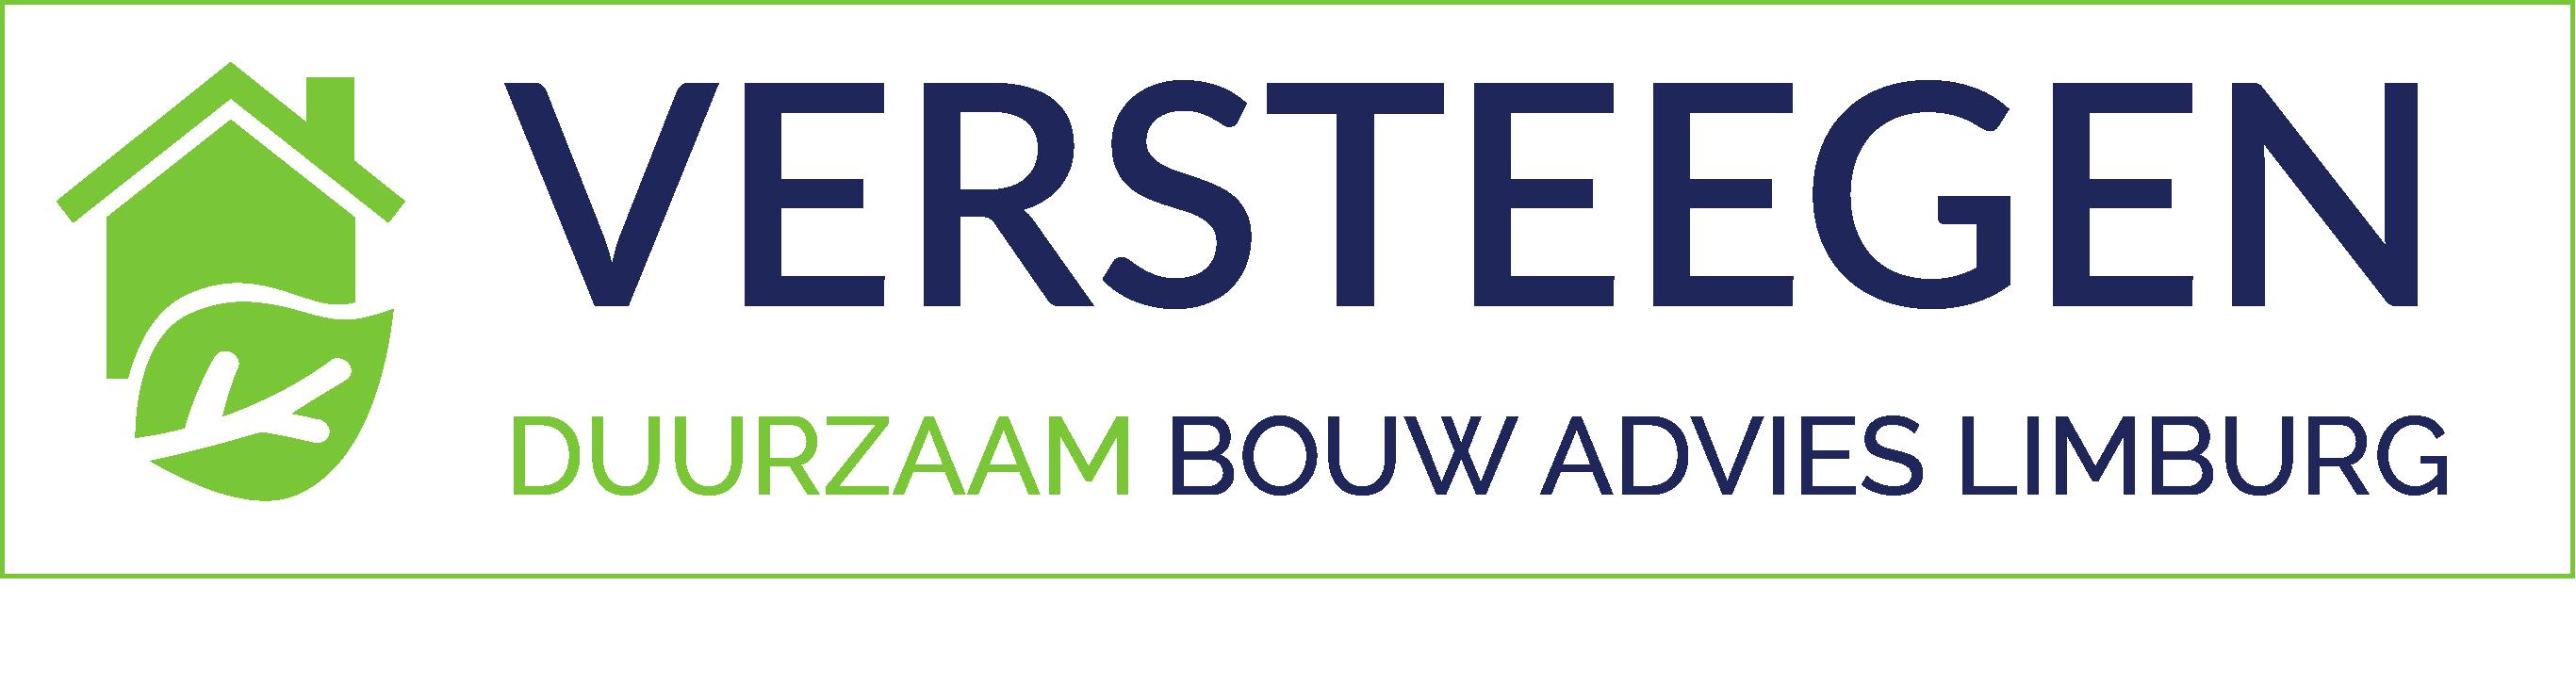 Versteegen Duurzaam Bouw Advies Limburg